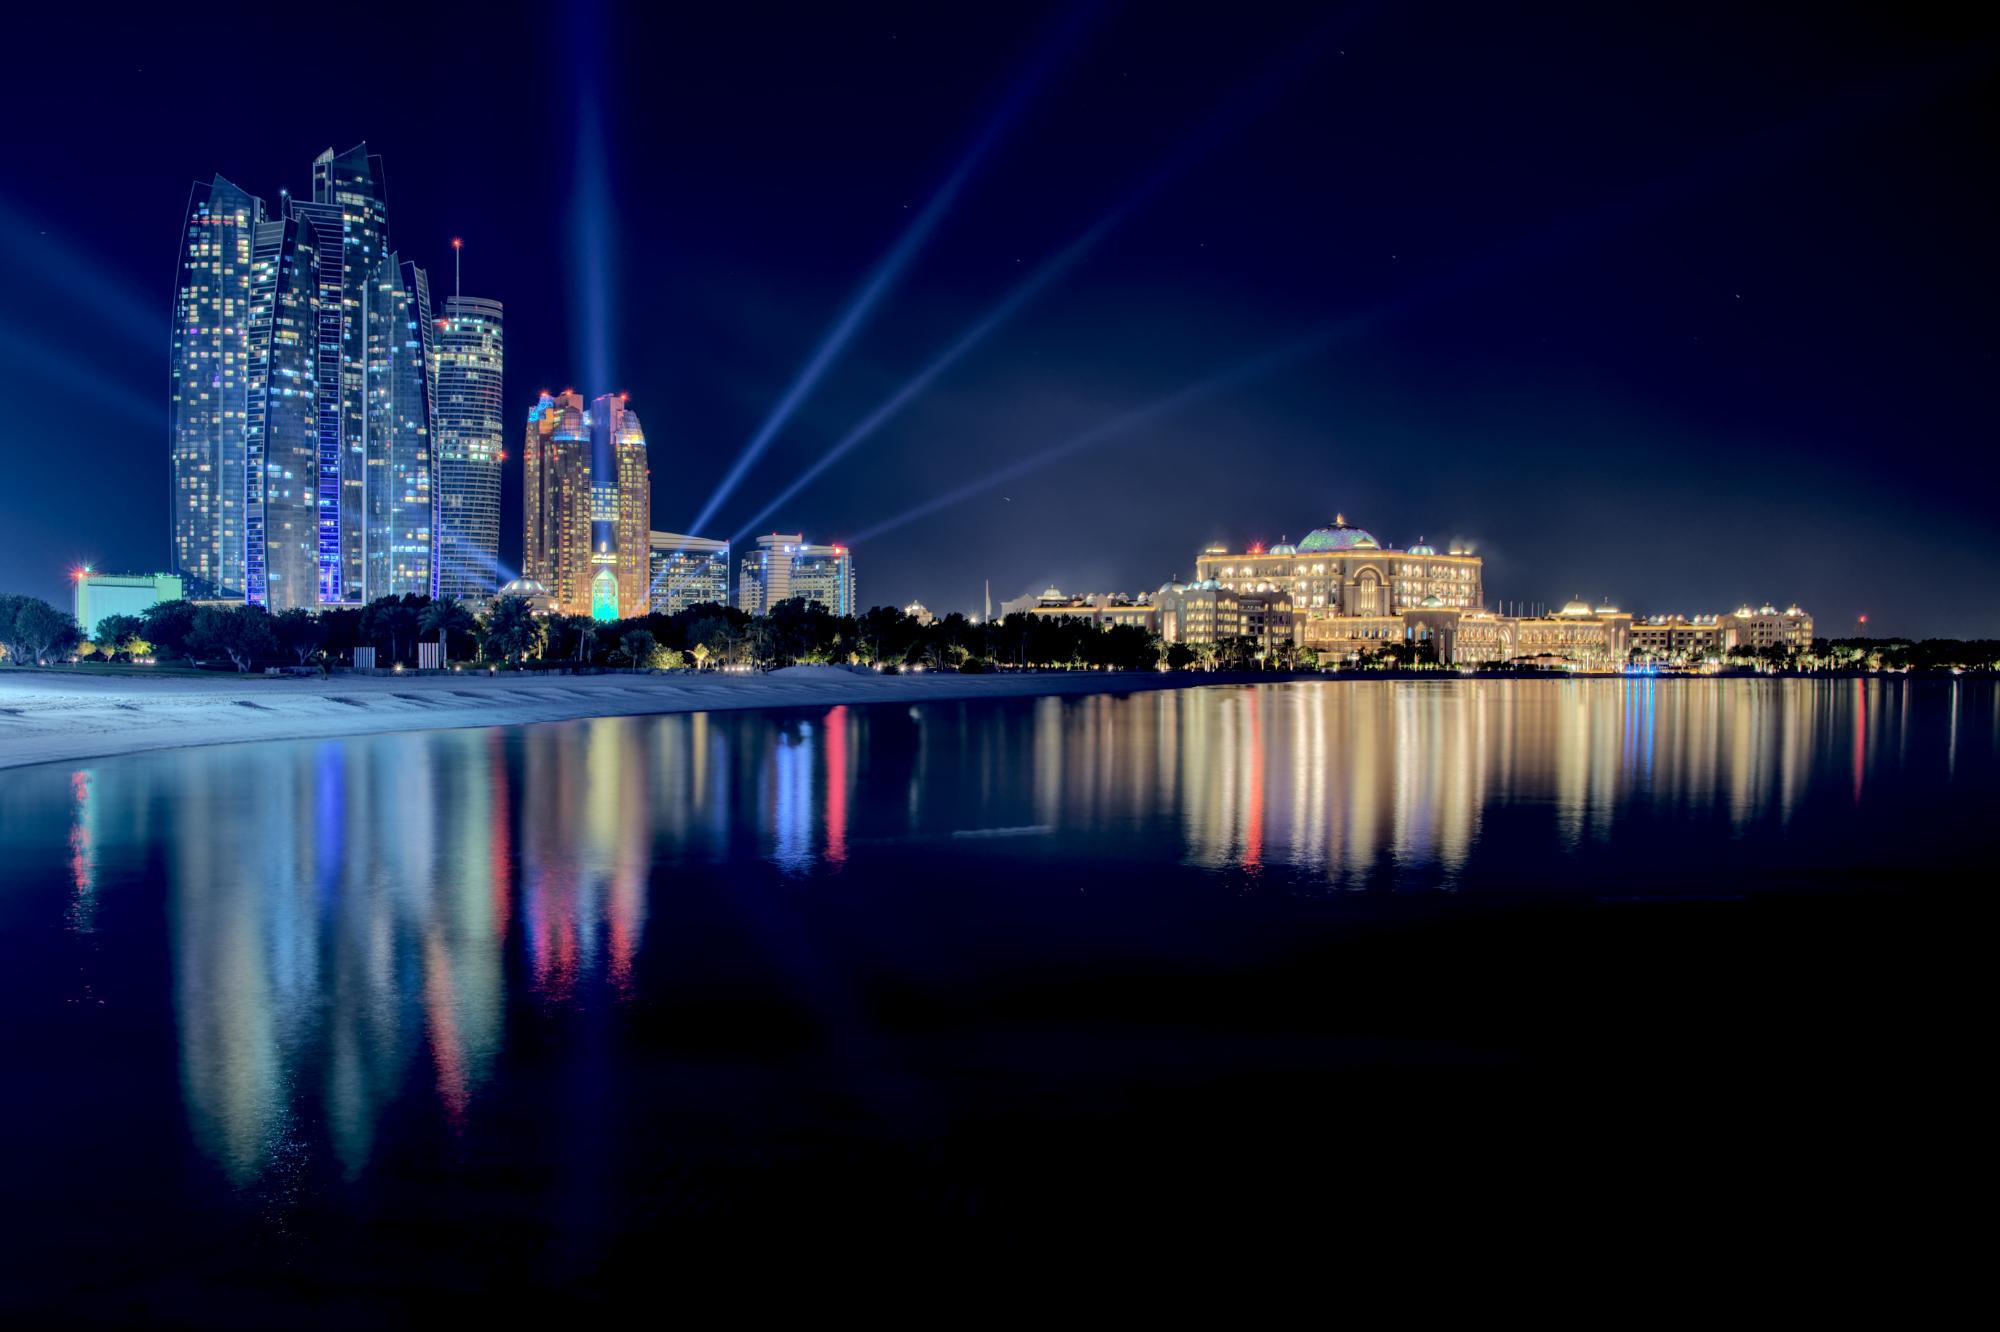 emiratespalaceabudhabi